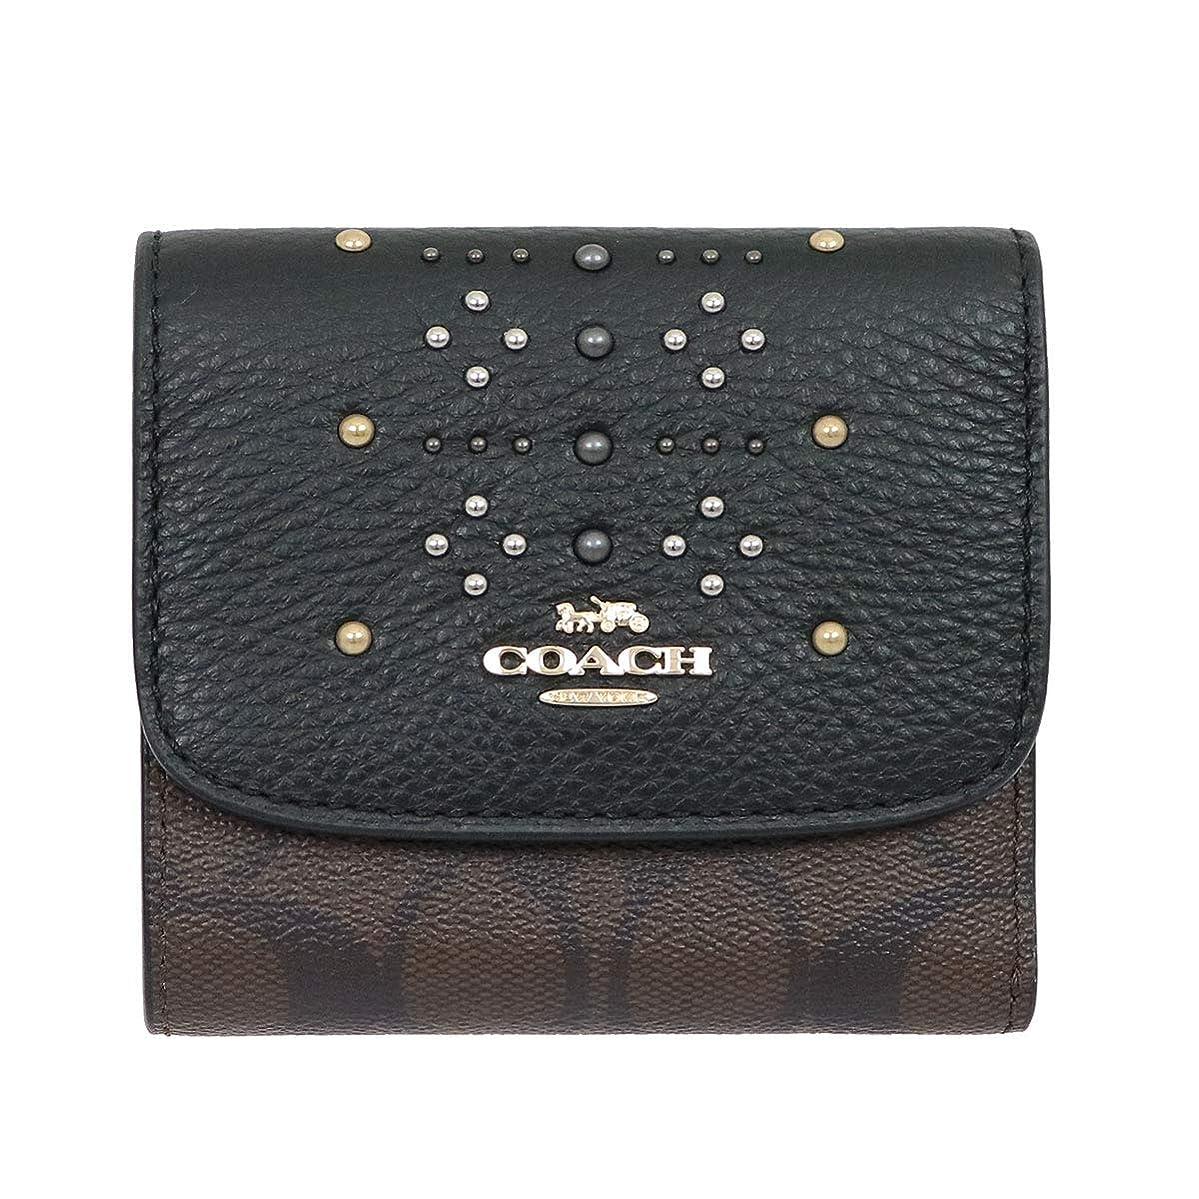 ナラーバー脳輝く[コーチ] COACH 財布 (三つ折り財布) F31969 ブラウン×ブラックマルチ IMN2R シグネチャー リベット レザー 三つ折り財布 レディース [アウトレット品] [ブランド] [並行輸入品]